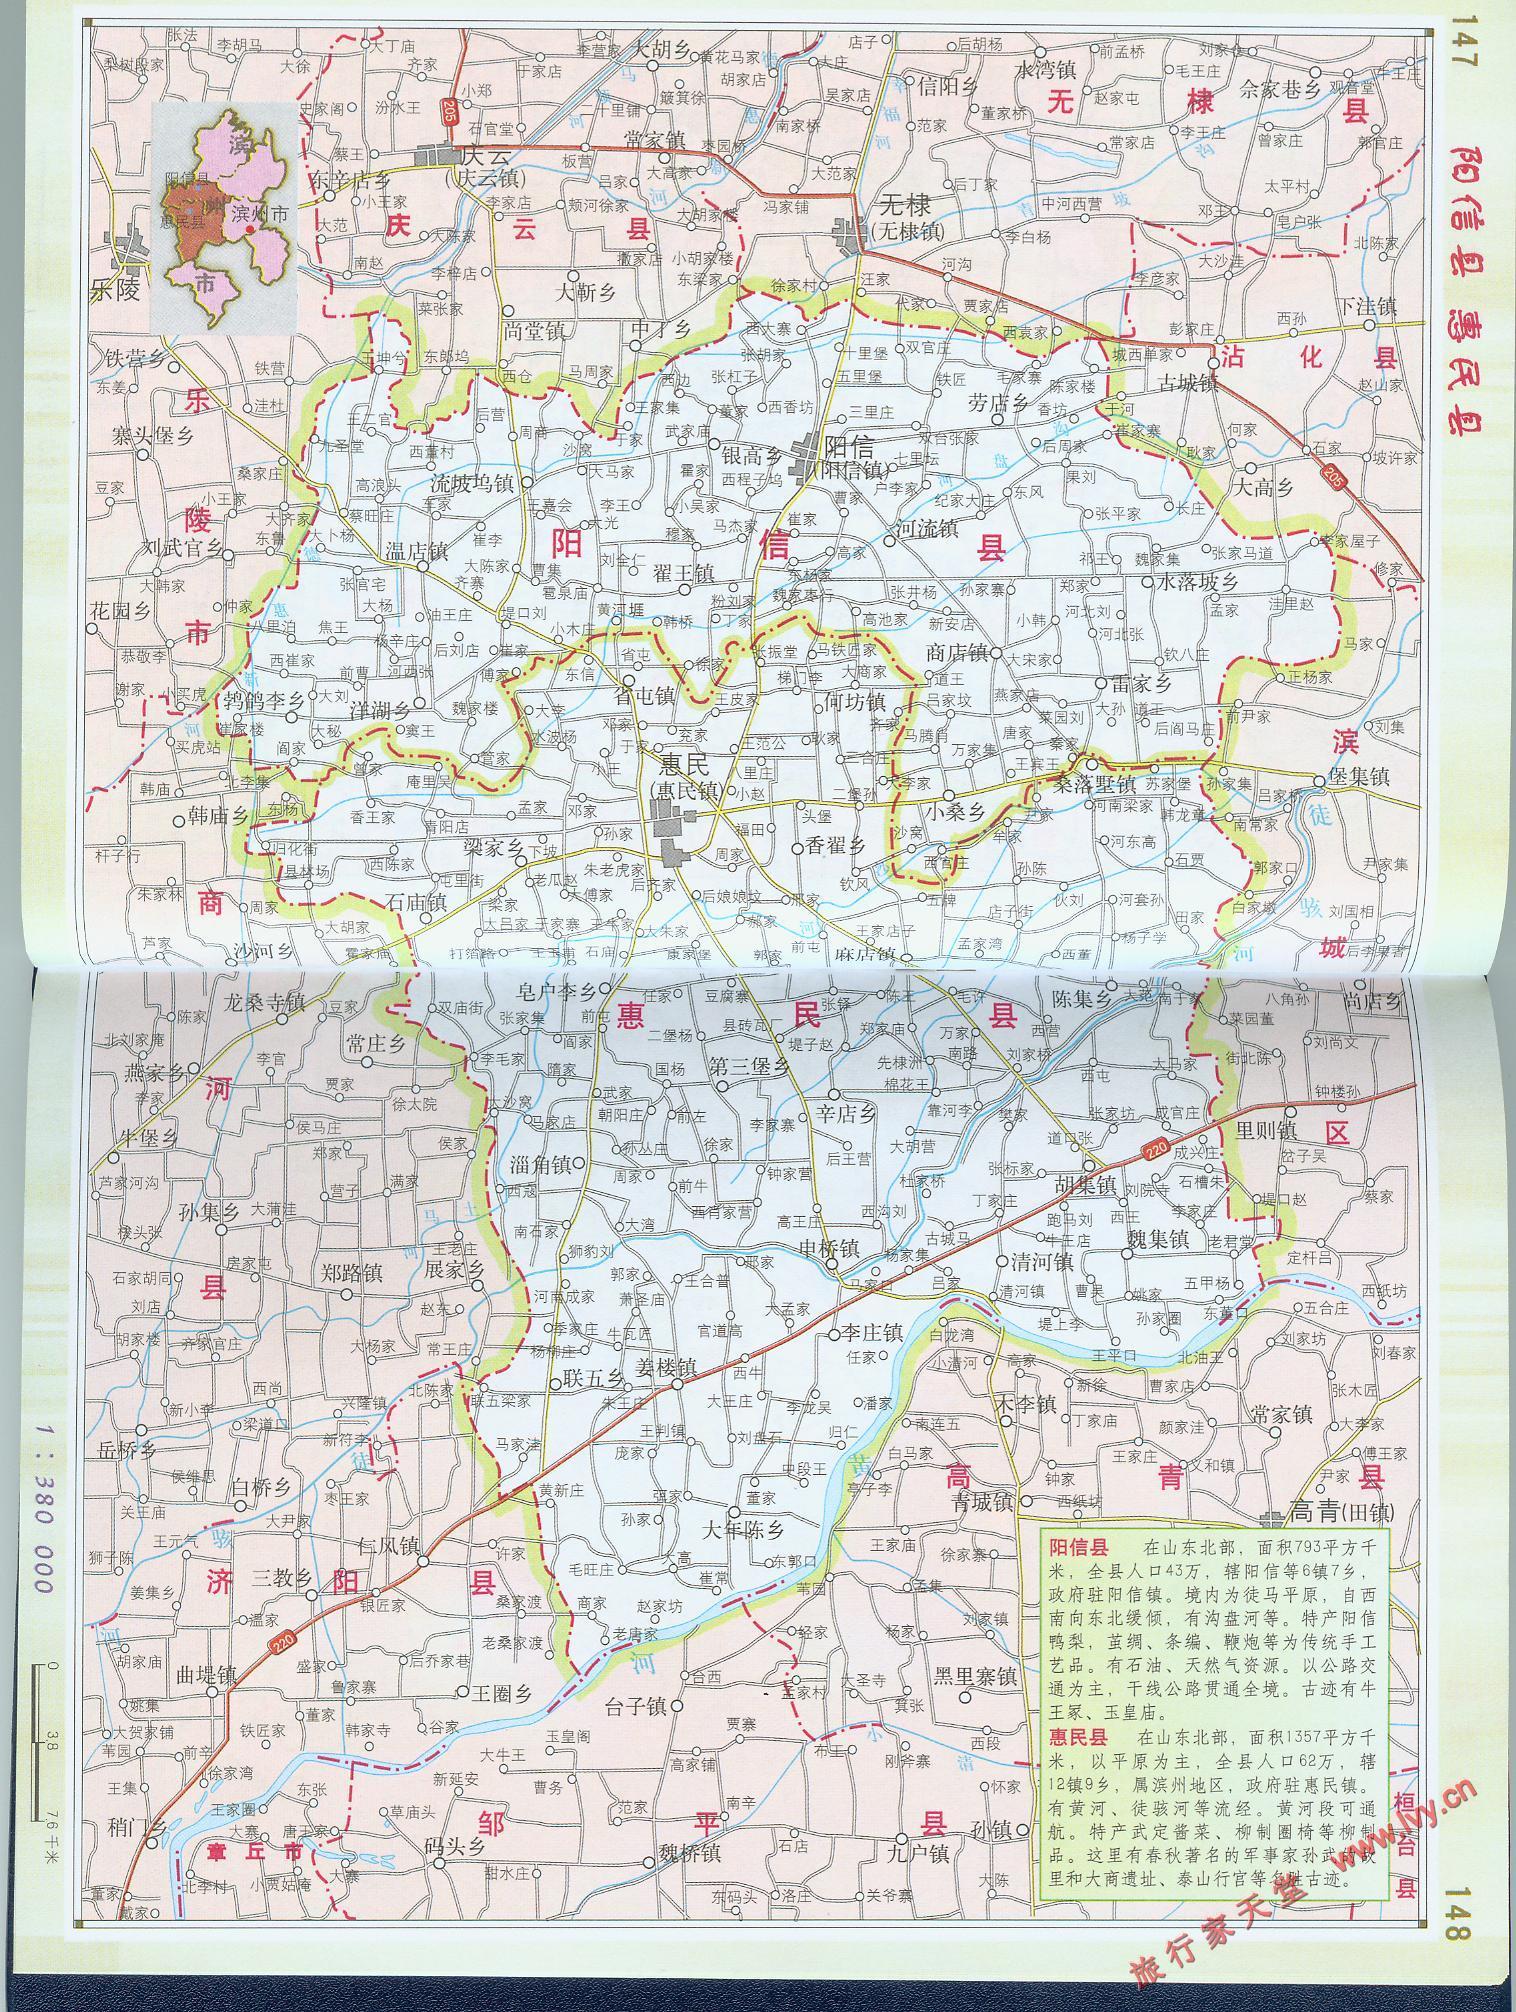 阳信县地图_滨州地图库